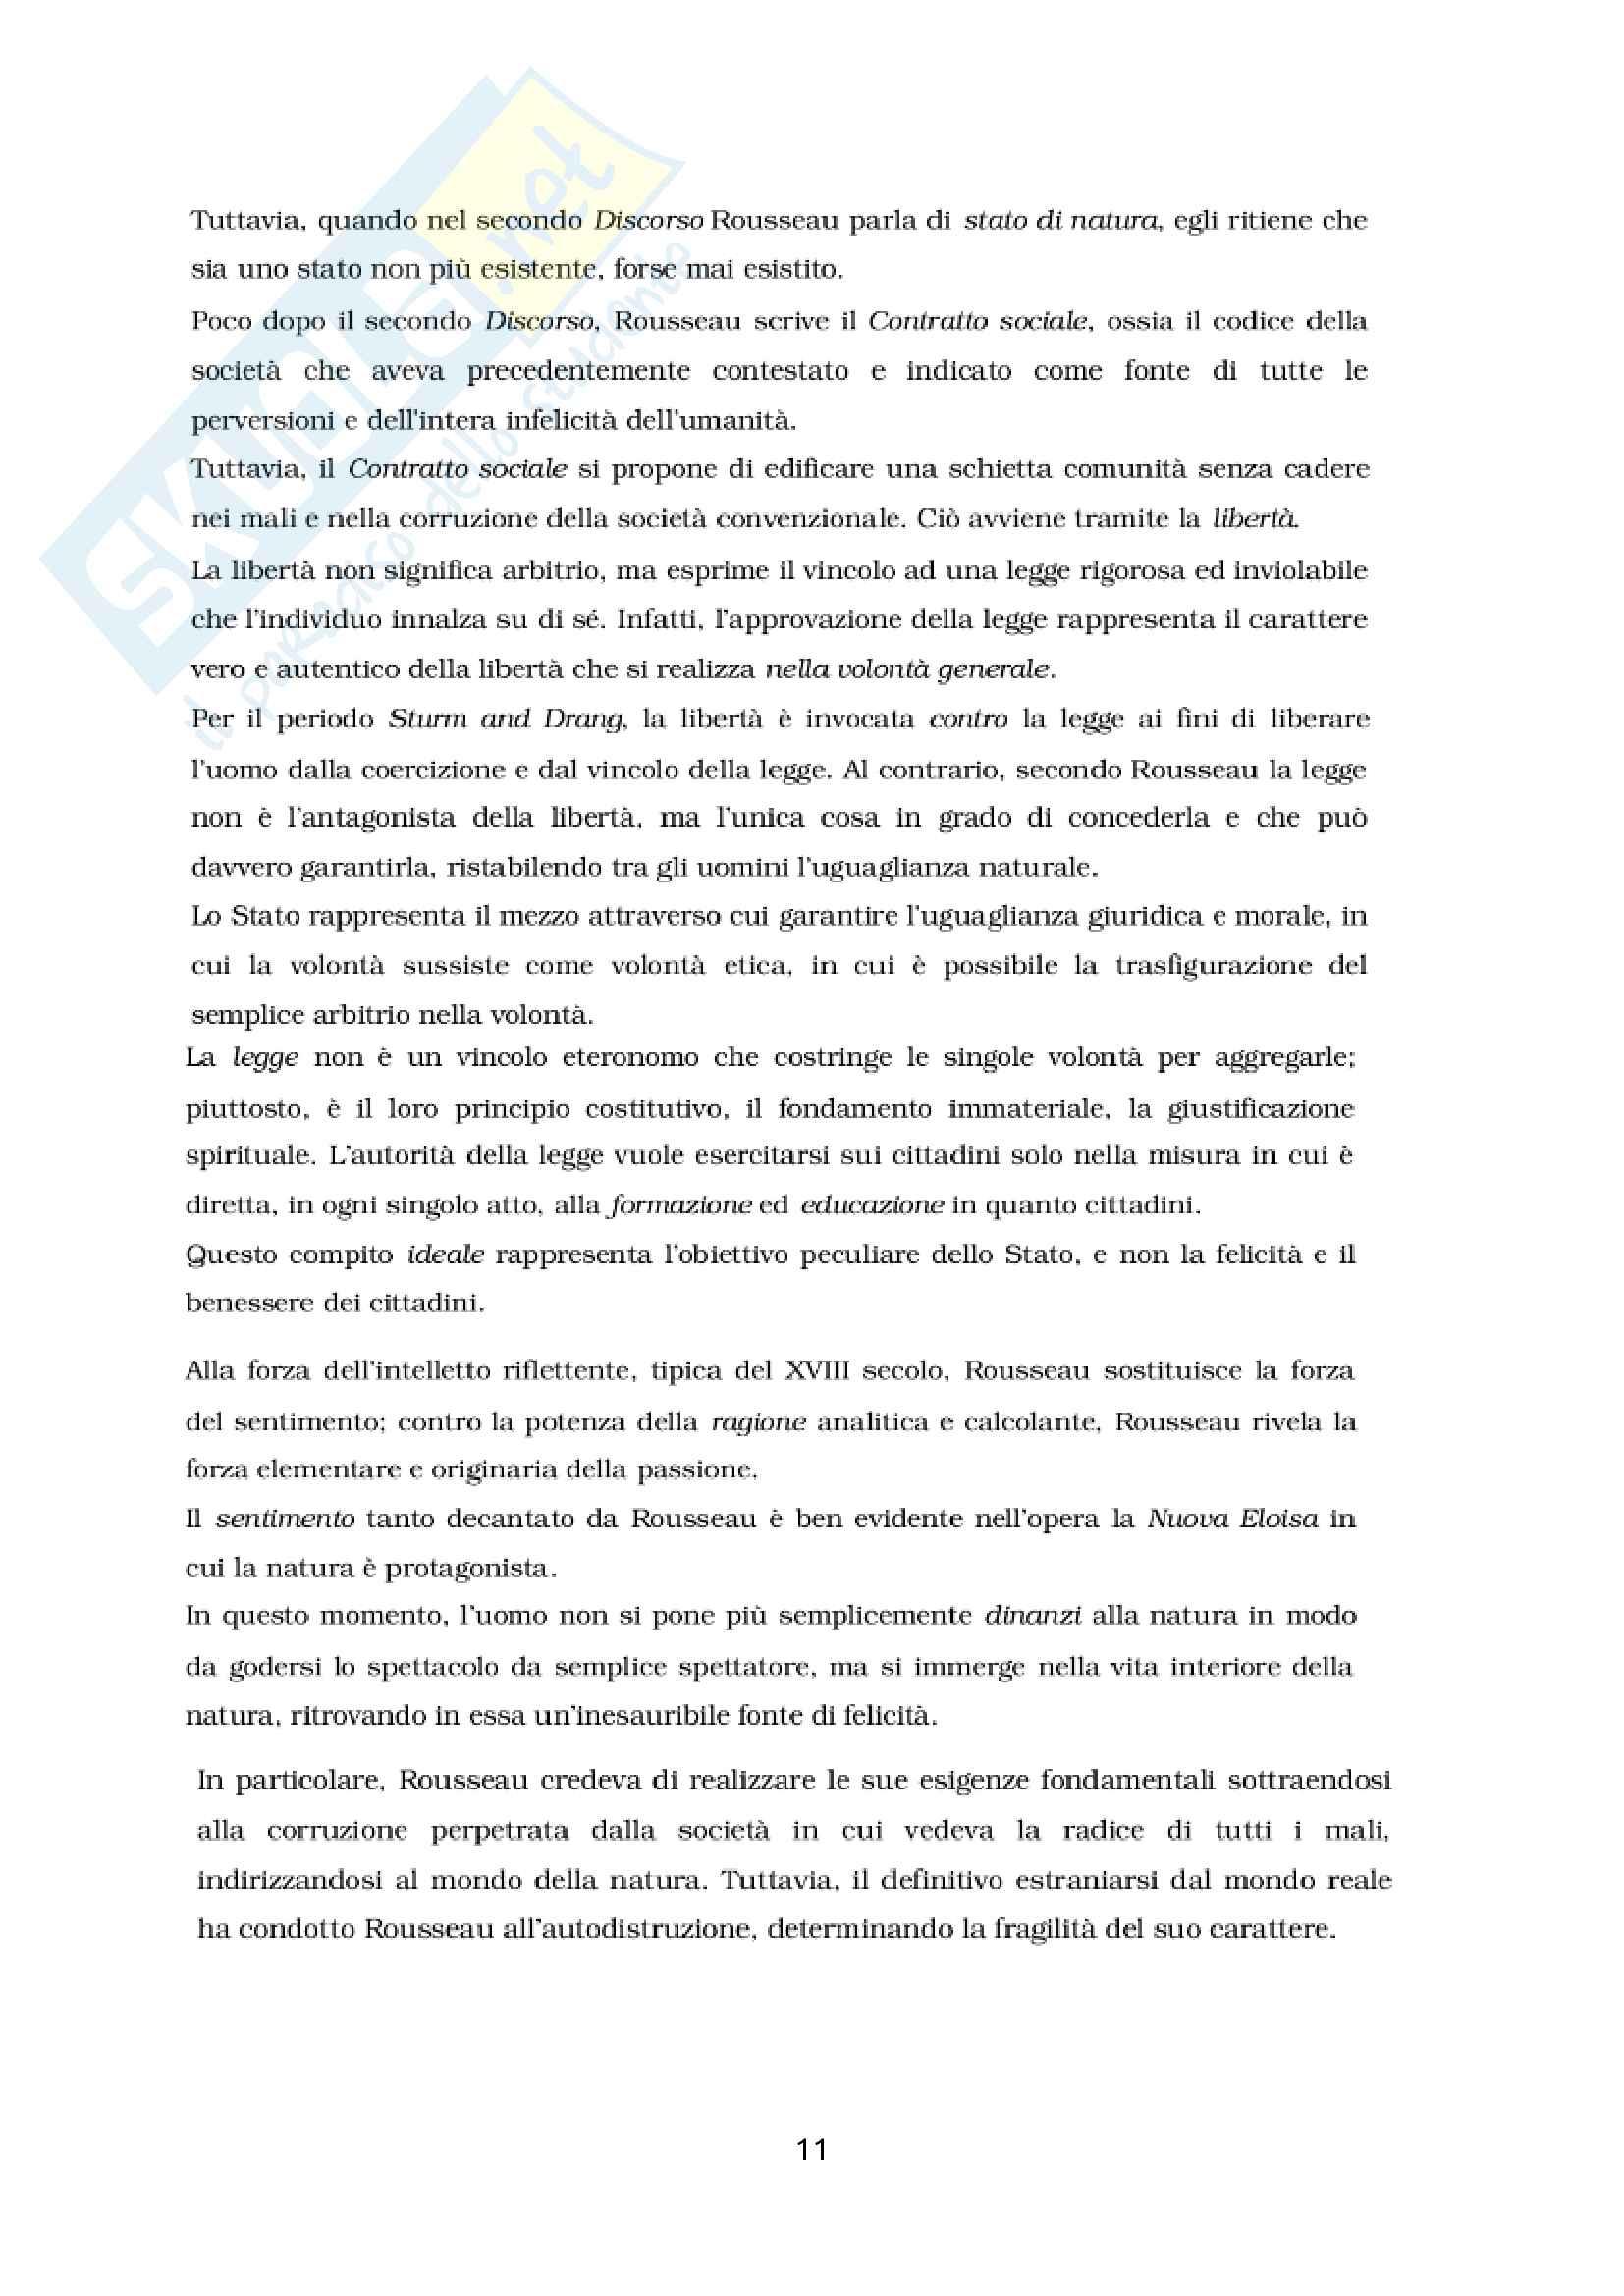 Illuminismo e Rousseau - Mappe concettuali Pag. 11